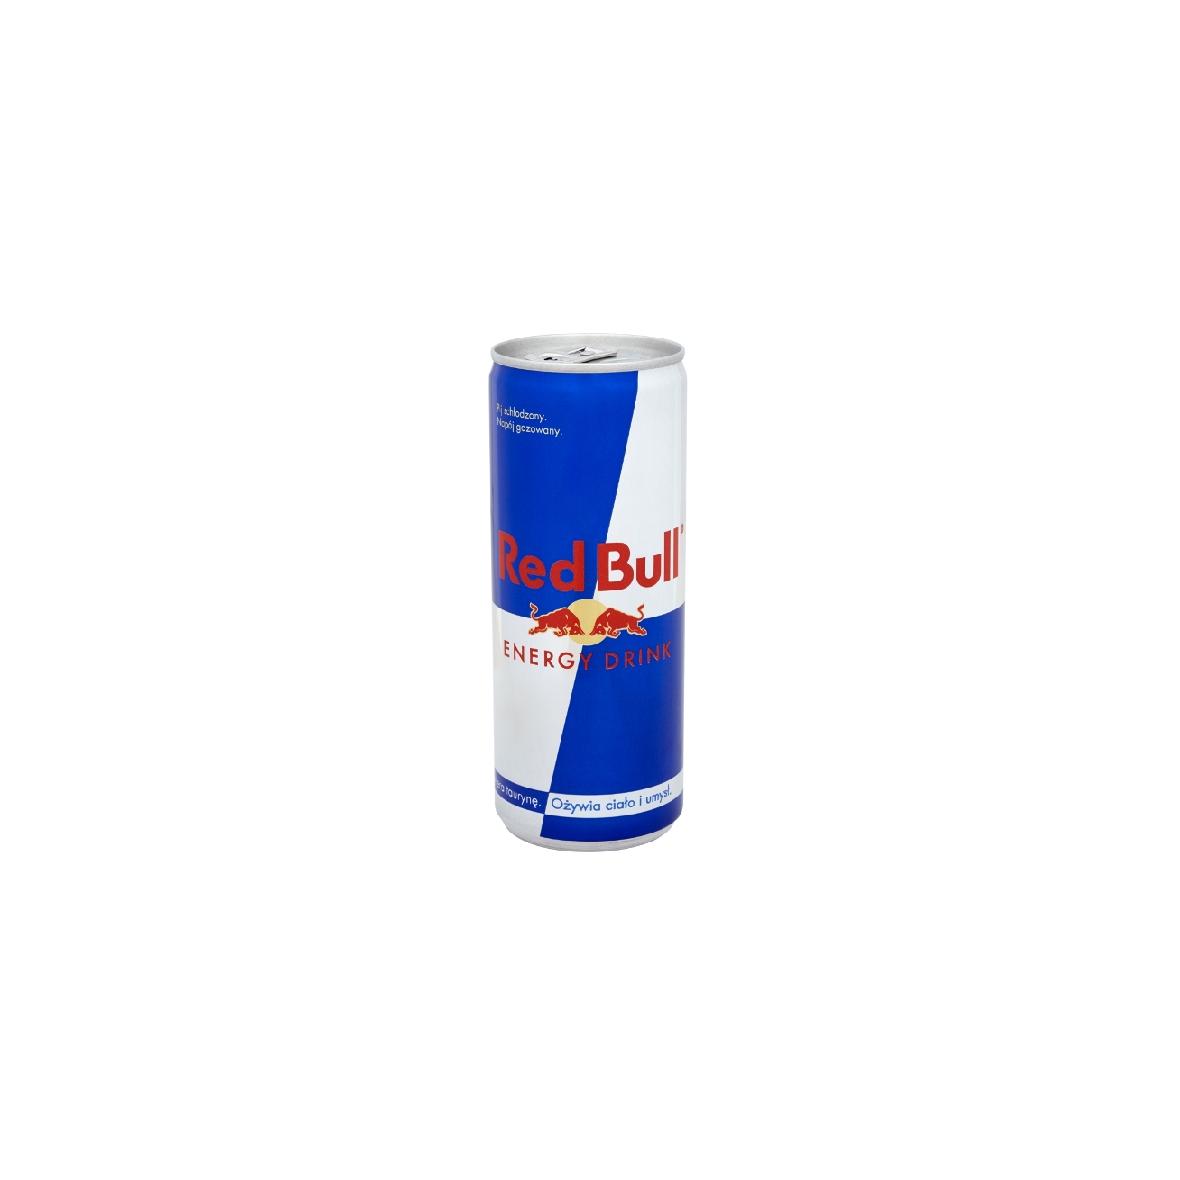 Napój energetyczny Red Bull puszka 250ml oferta hurtowa